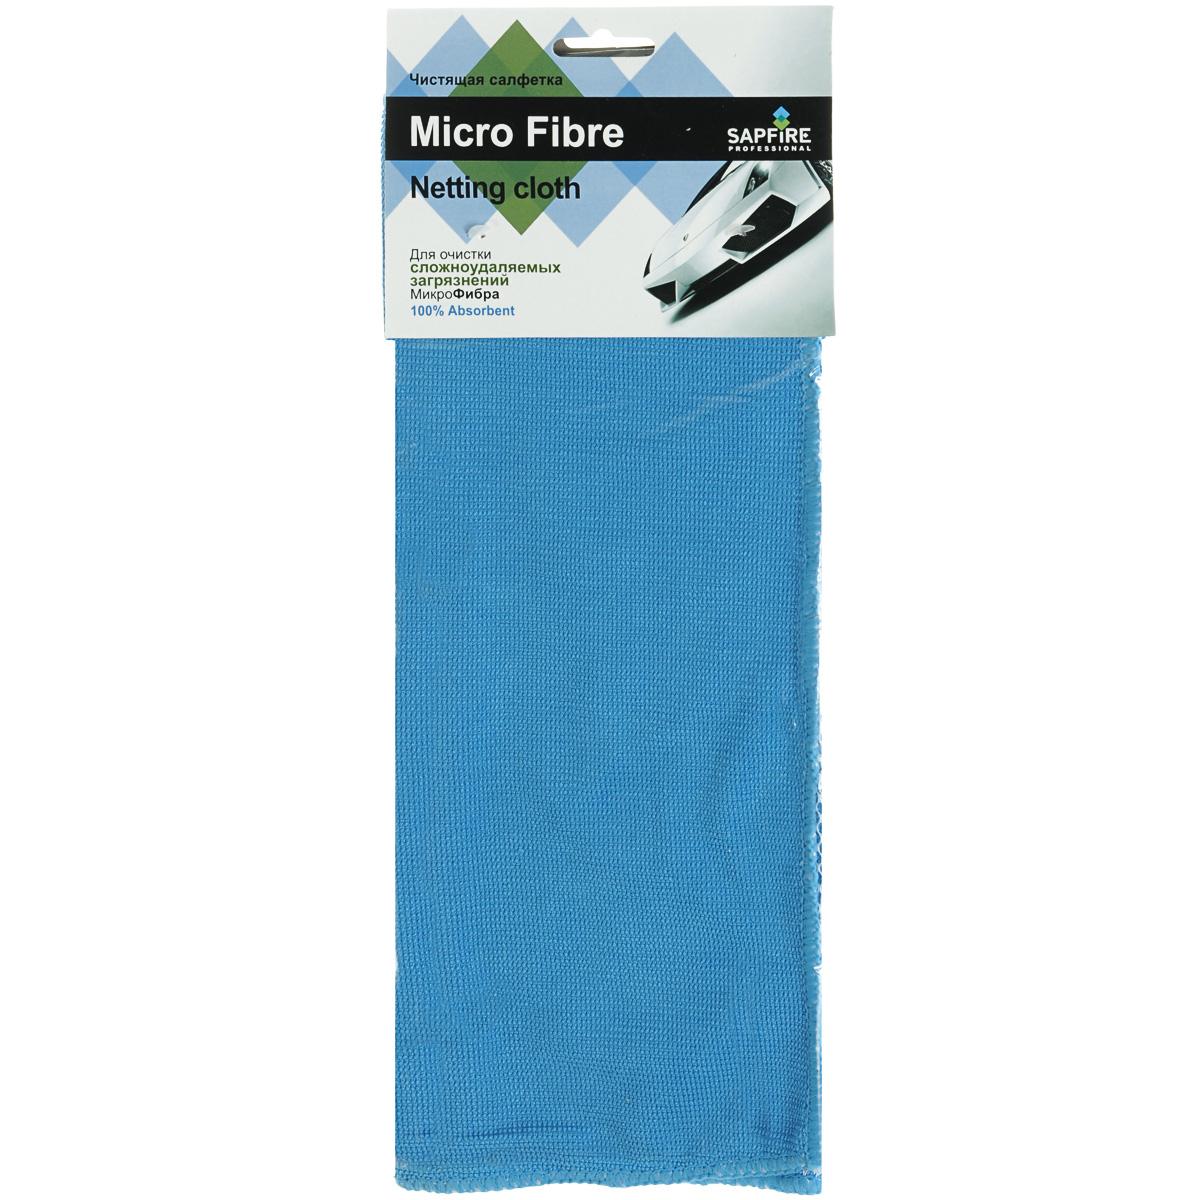 Салфетка чистящая для мытья и полировки автомобиля Sapfire Netting Cloth, цвет: голубой, 35 х 35 смRC-100BWCСалфетка Sapfire Netting cloth выполнена из высококачественного полиэстера и полиамида. С одной стороны салфетка покрыта сеткой. Благодаря своей сетчатой структуре она эффективно удаляет с твердых поверхностей грязь, следы засохших насекомых.Микрофибровое полотно удаляет грязь с поверхности намного эффективнее, быстрее и значительно более бережно в сравнении с обычной тканью, что существенно снижает время на проведение уборки, поскольку отсутствует необходимость протирать одно и то же место дважды. Использовать салфетку можно для чистки как наружных, так и внутренних поверхностей автомобиля. Используя подобную мягкую ткань, можно проникнуть даже в самые труднодоступные места и эффективно очистить от пыли и бактерий все поверхности. Микрофибра устойчива к истиранию, ее можно быстро вернуть к первоначальному виду с помощью машинной стирки при малом количестве моющих средств. Приобретая микрофибровые изделия для чистки автомобиля, каждый владелец сможет обеспечить достойный уход за любимым транспортным средством. Состав: 80% полиэстер, 20% полиамид.Размер: 35 см х 35 см.